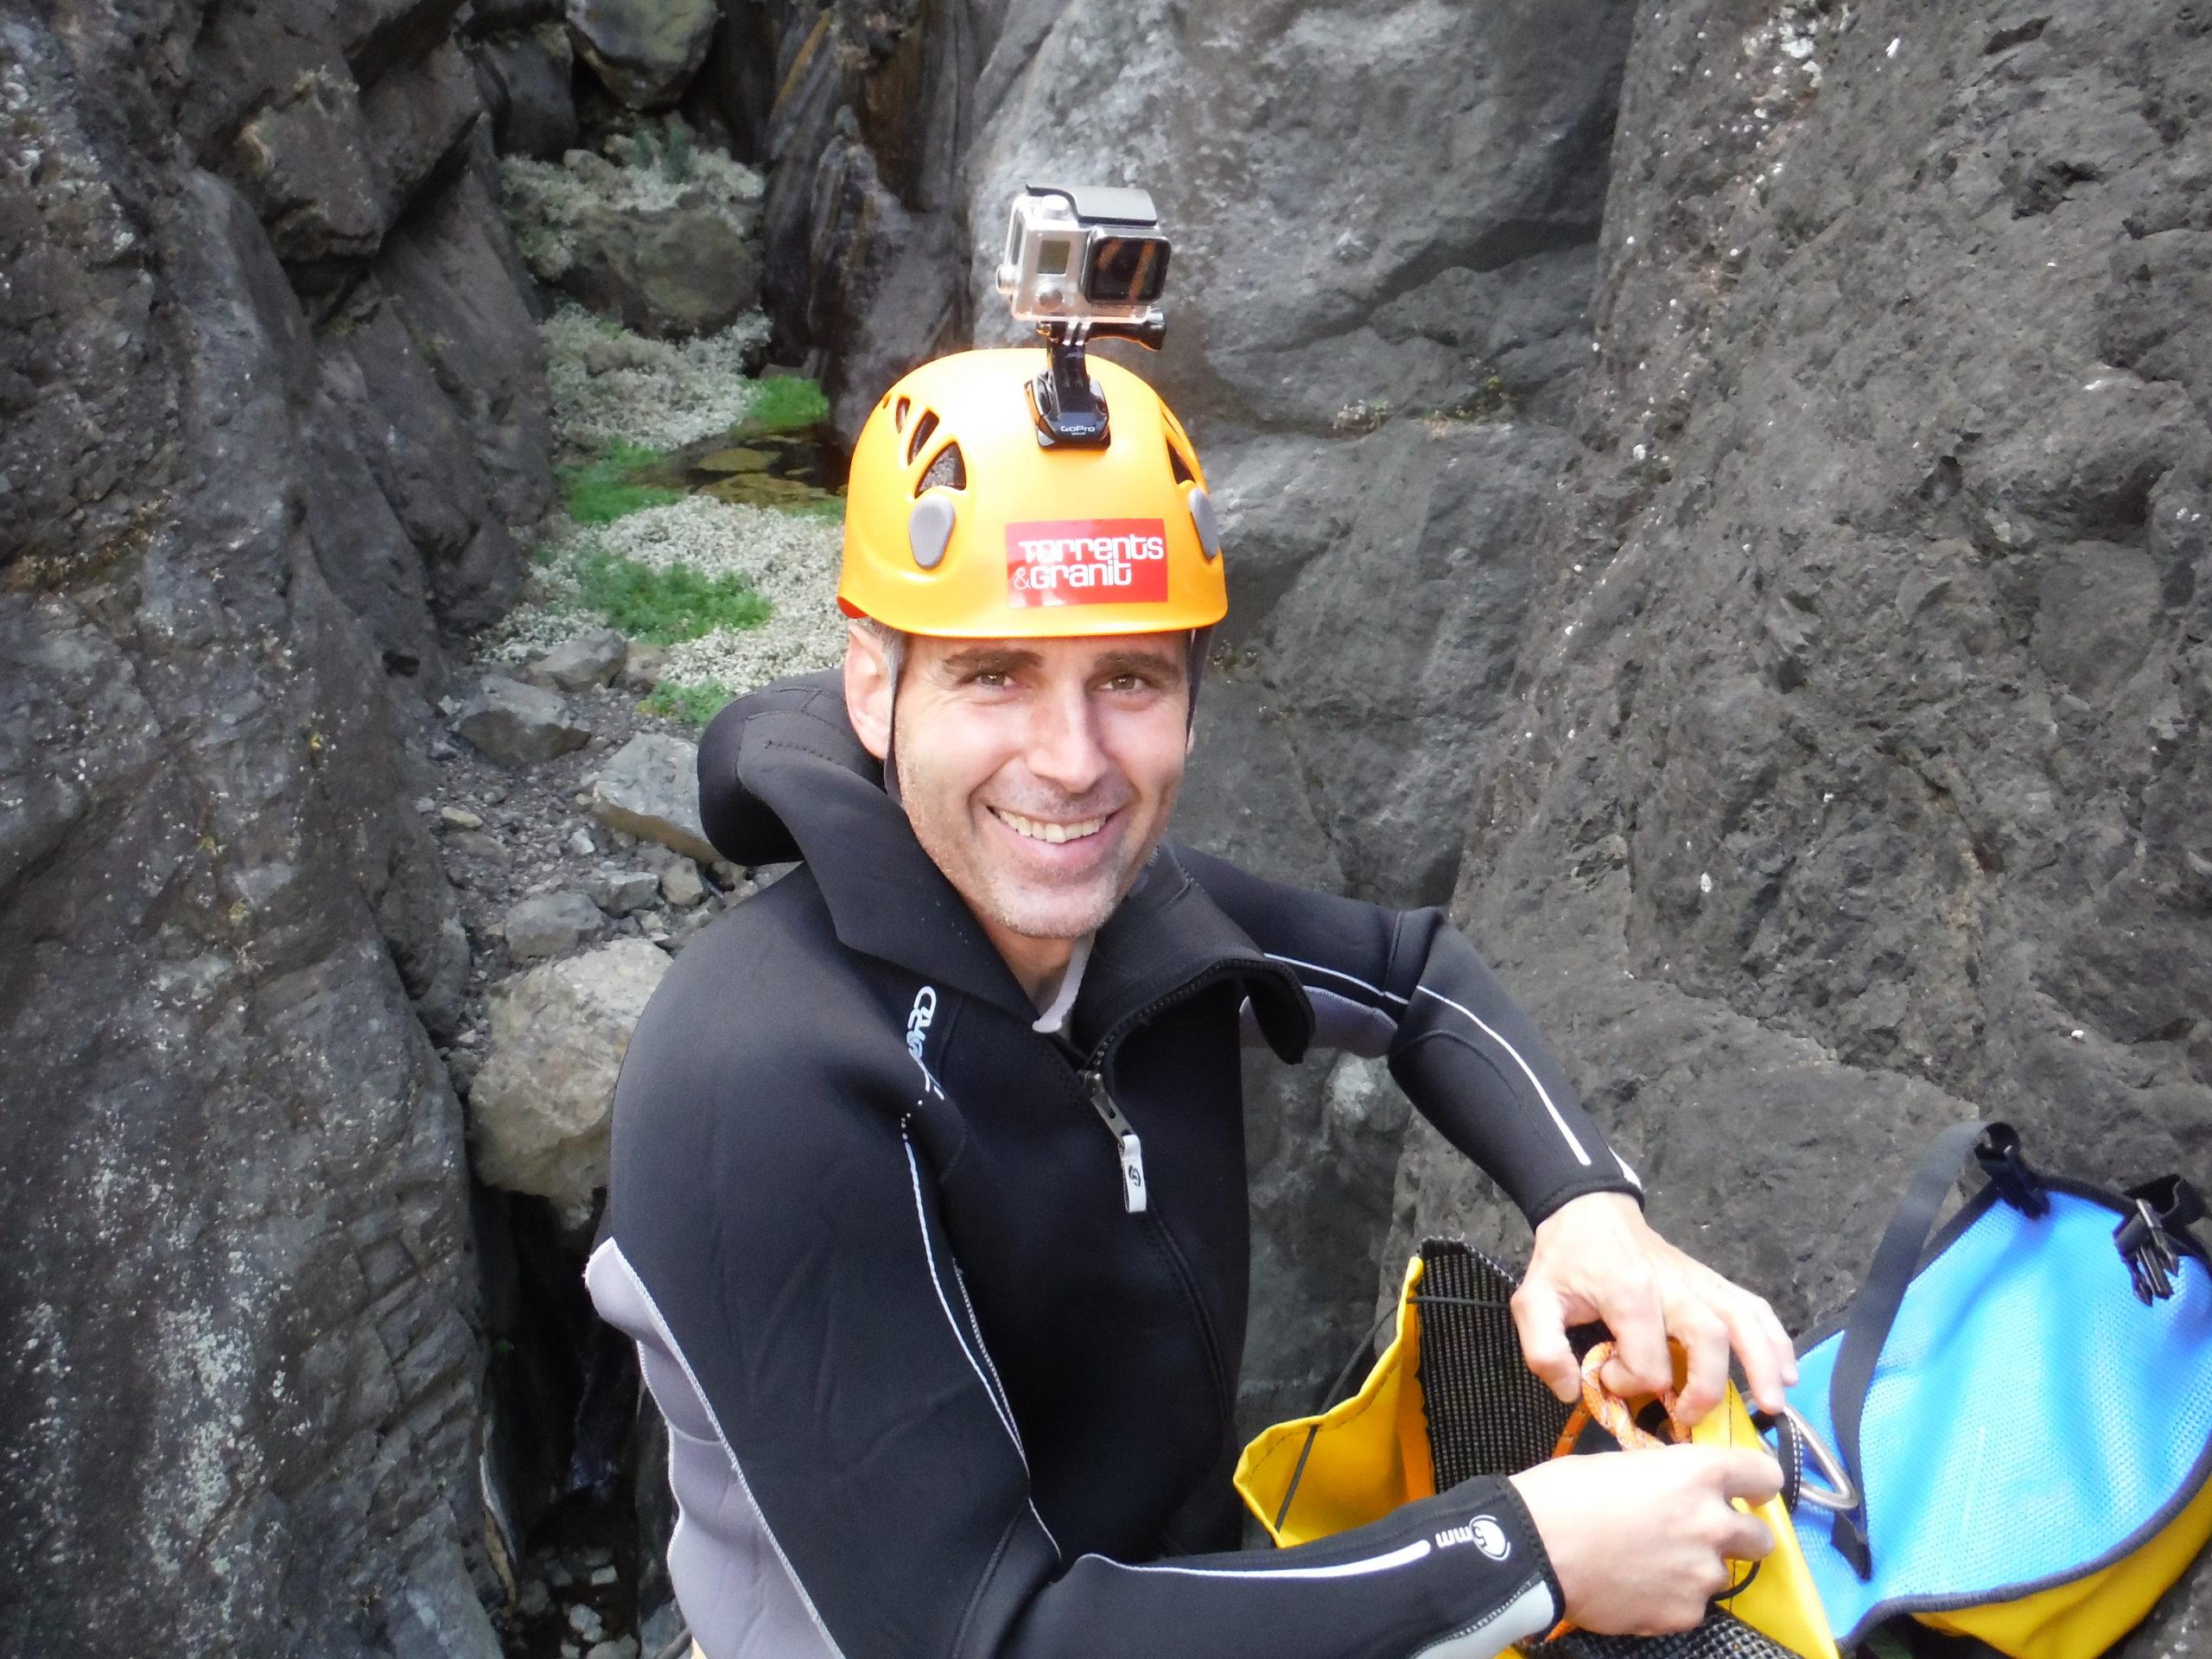 Accompagnateur canyoning et jump en ardèche